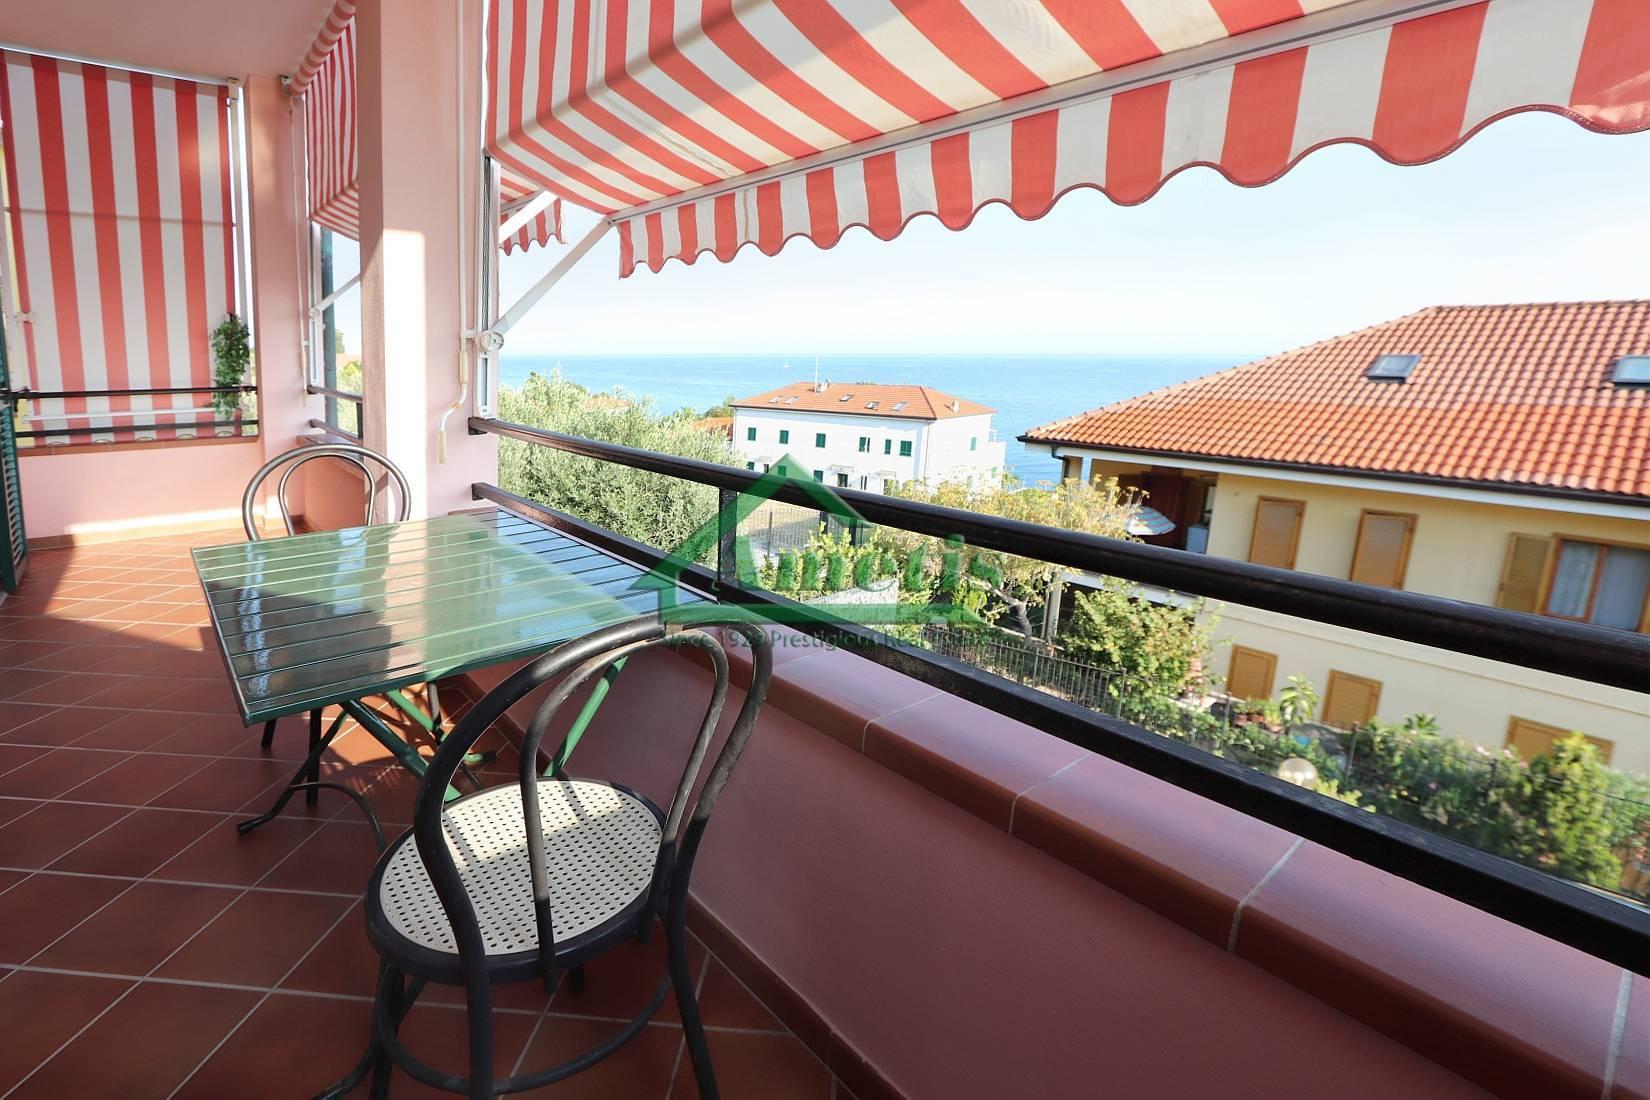 Appartamento in vendita a Cipressa, 3 locali, zona i, prezzo € 285.000 | PortaleAgenzieImmobiliari.it